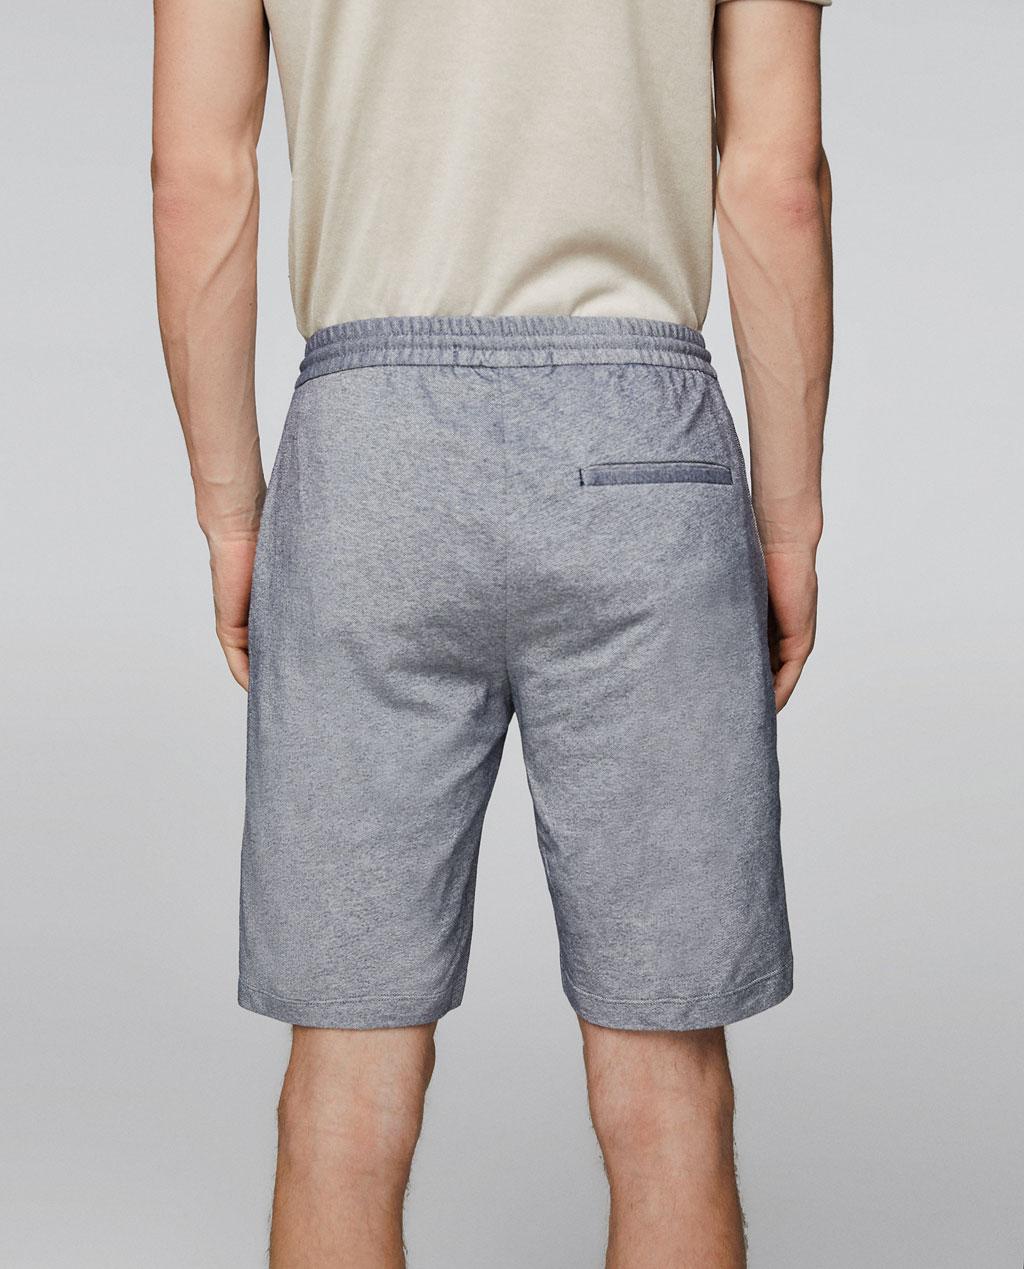 Thời trang nam Zara  24008 - ảnh 6